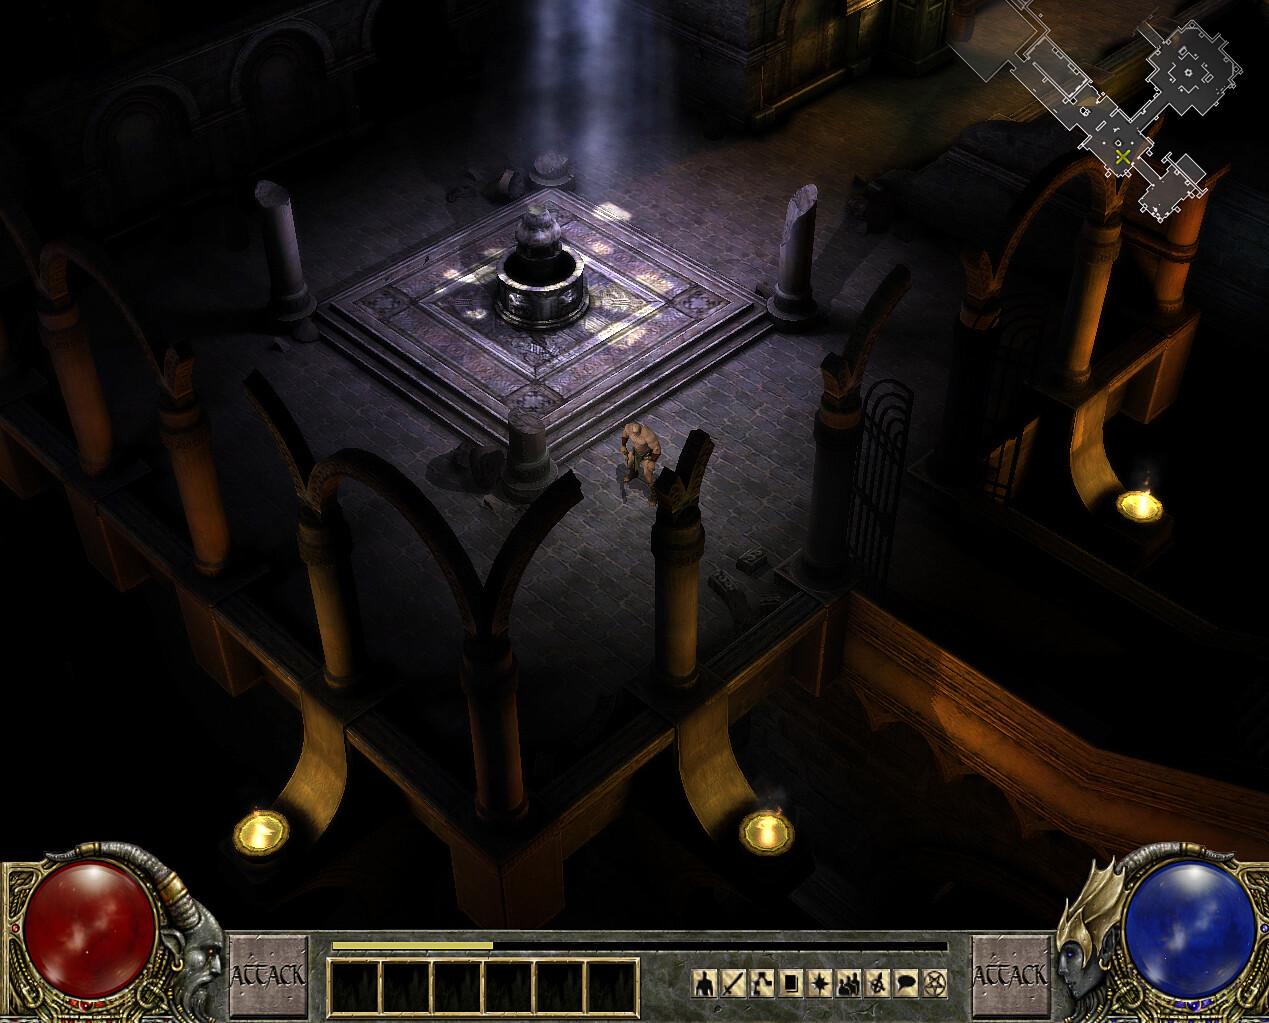 《暗黑3》早期开发版新截图 浓浓的哥特式暗黑气息